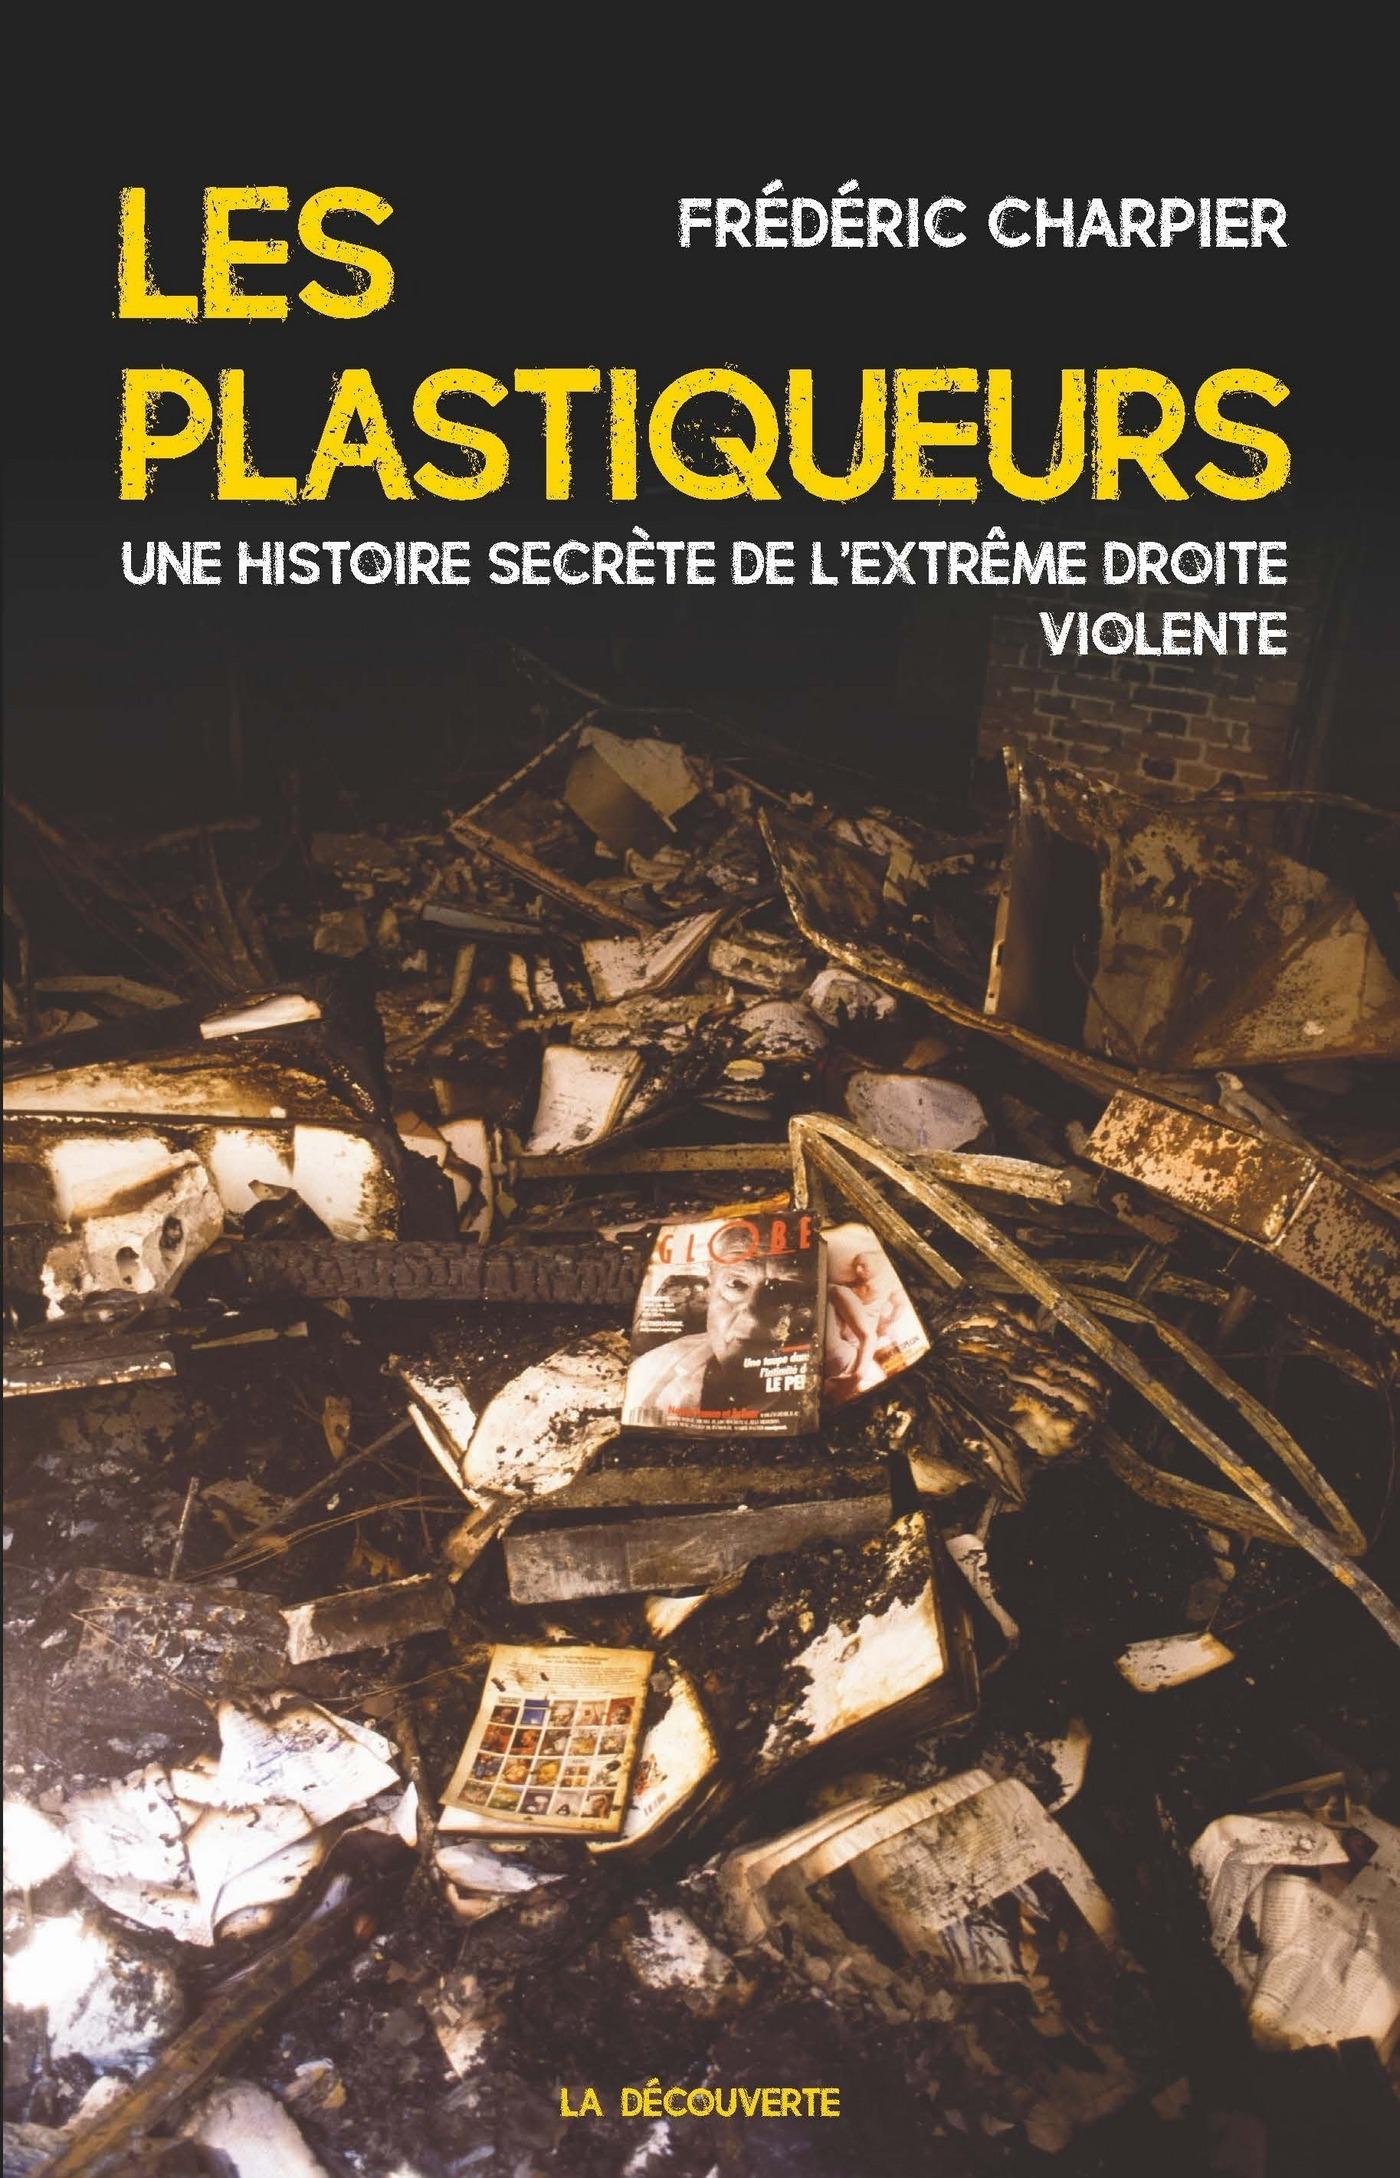 Les plastiqueurs | CHARPIER, Frédéric